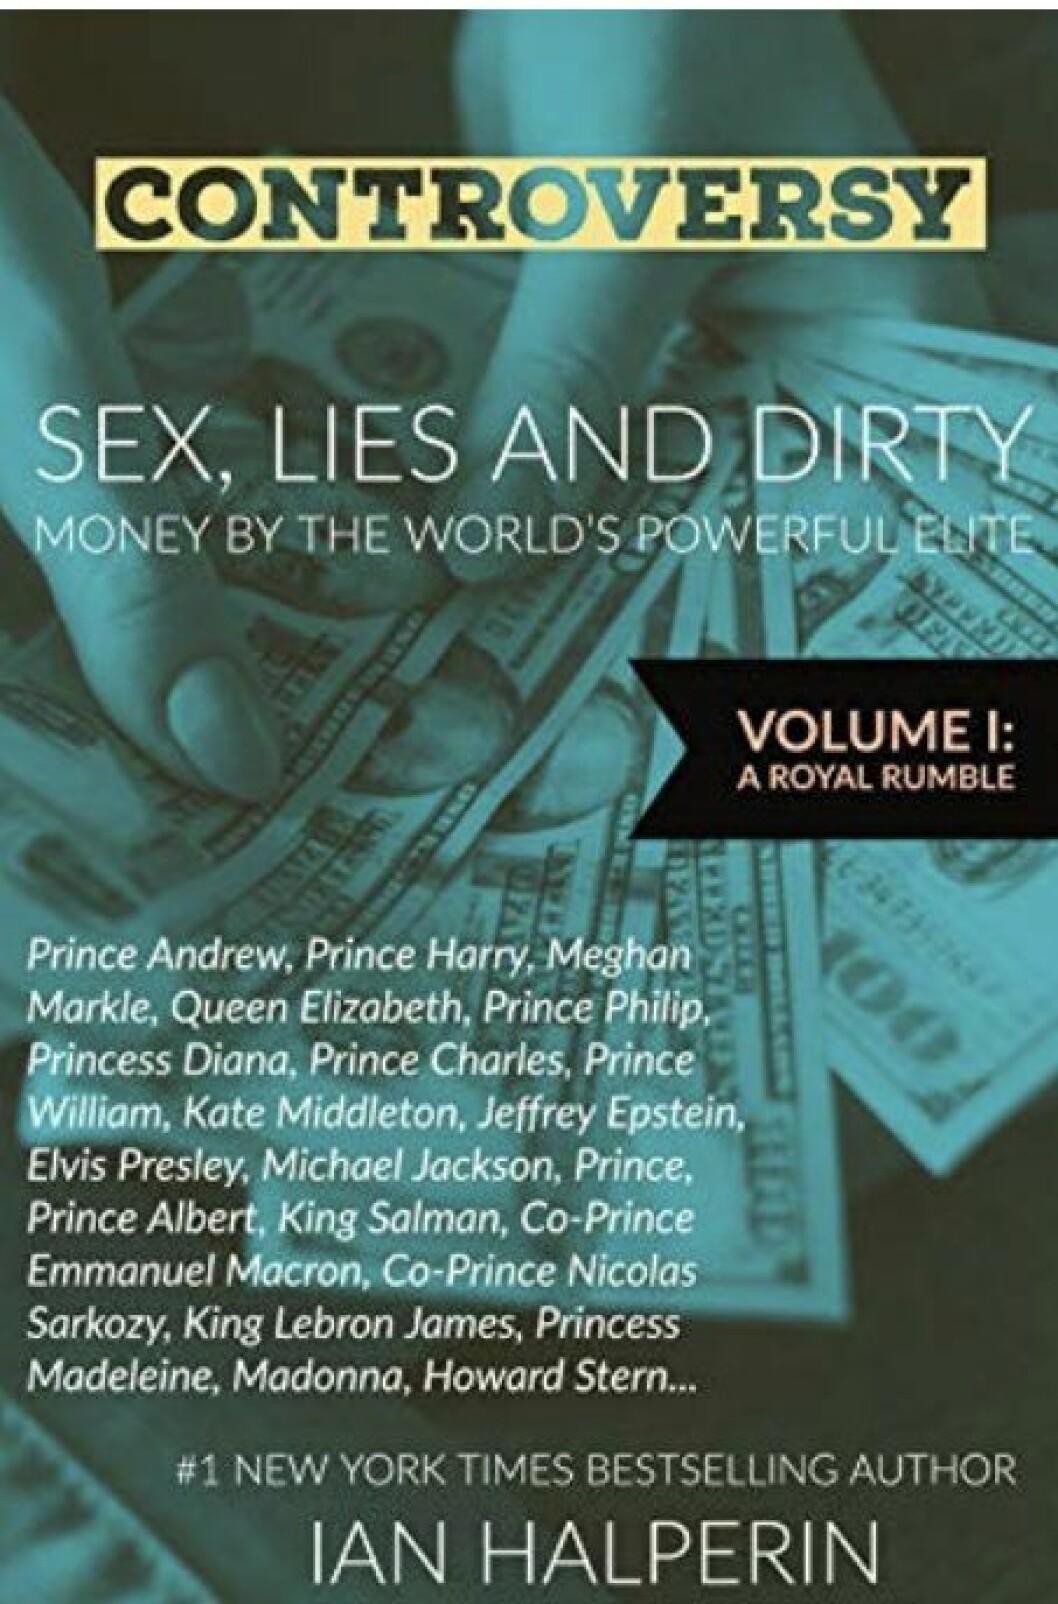 Omslaget till Ian Halperins bok. Prinsessan Madeleine nämns där vid namn.